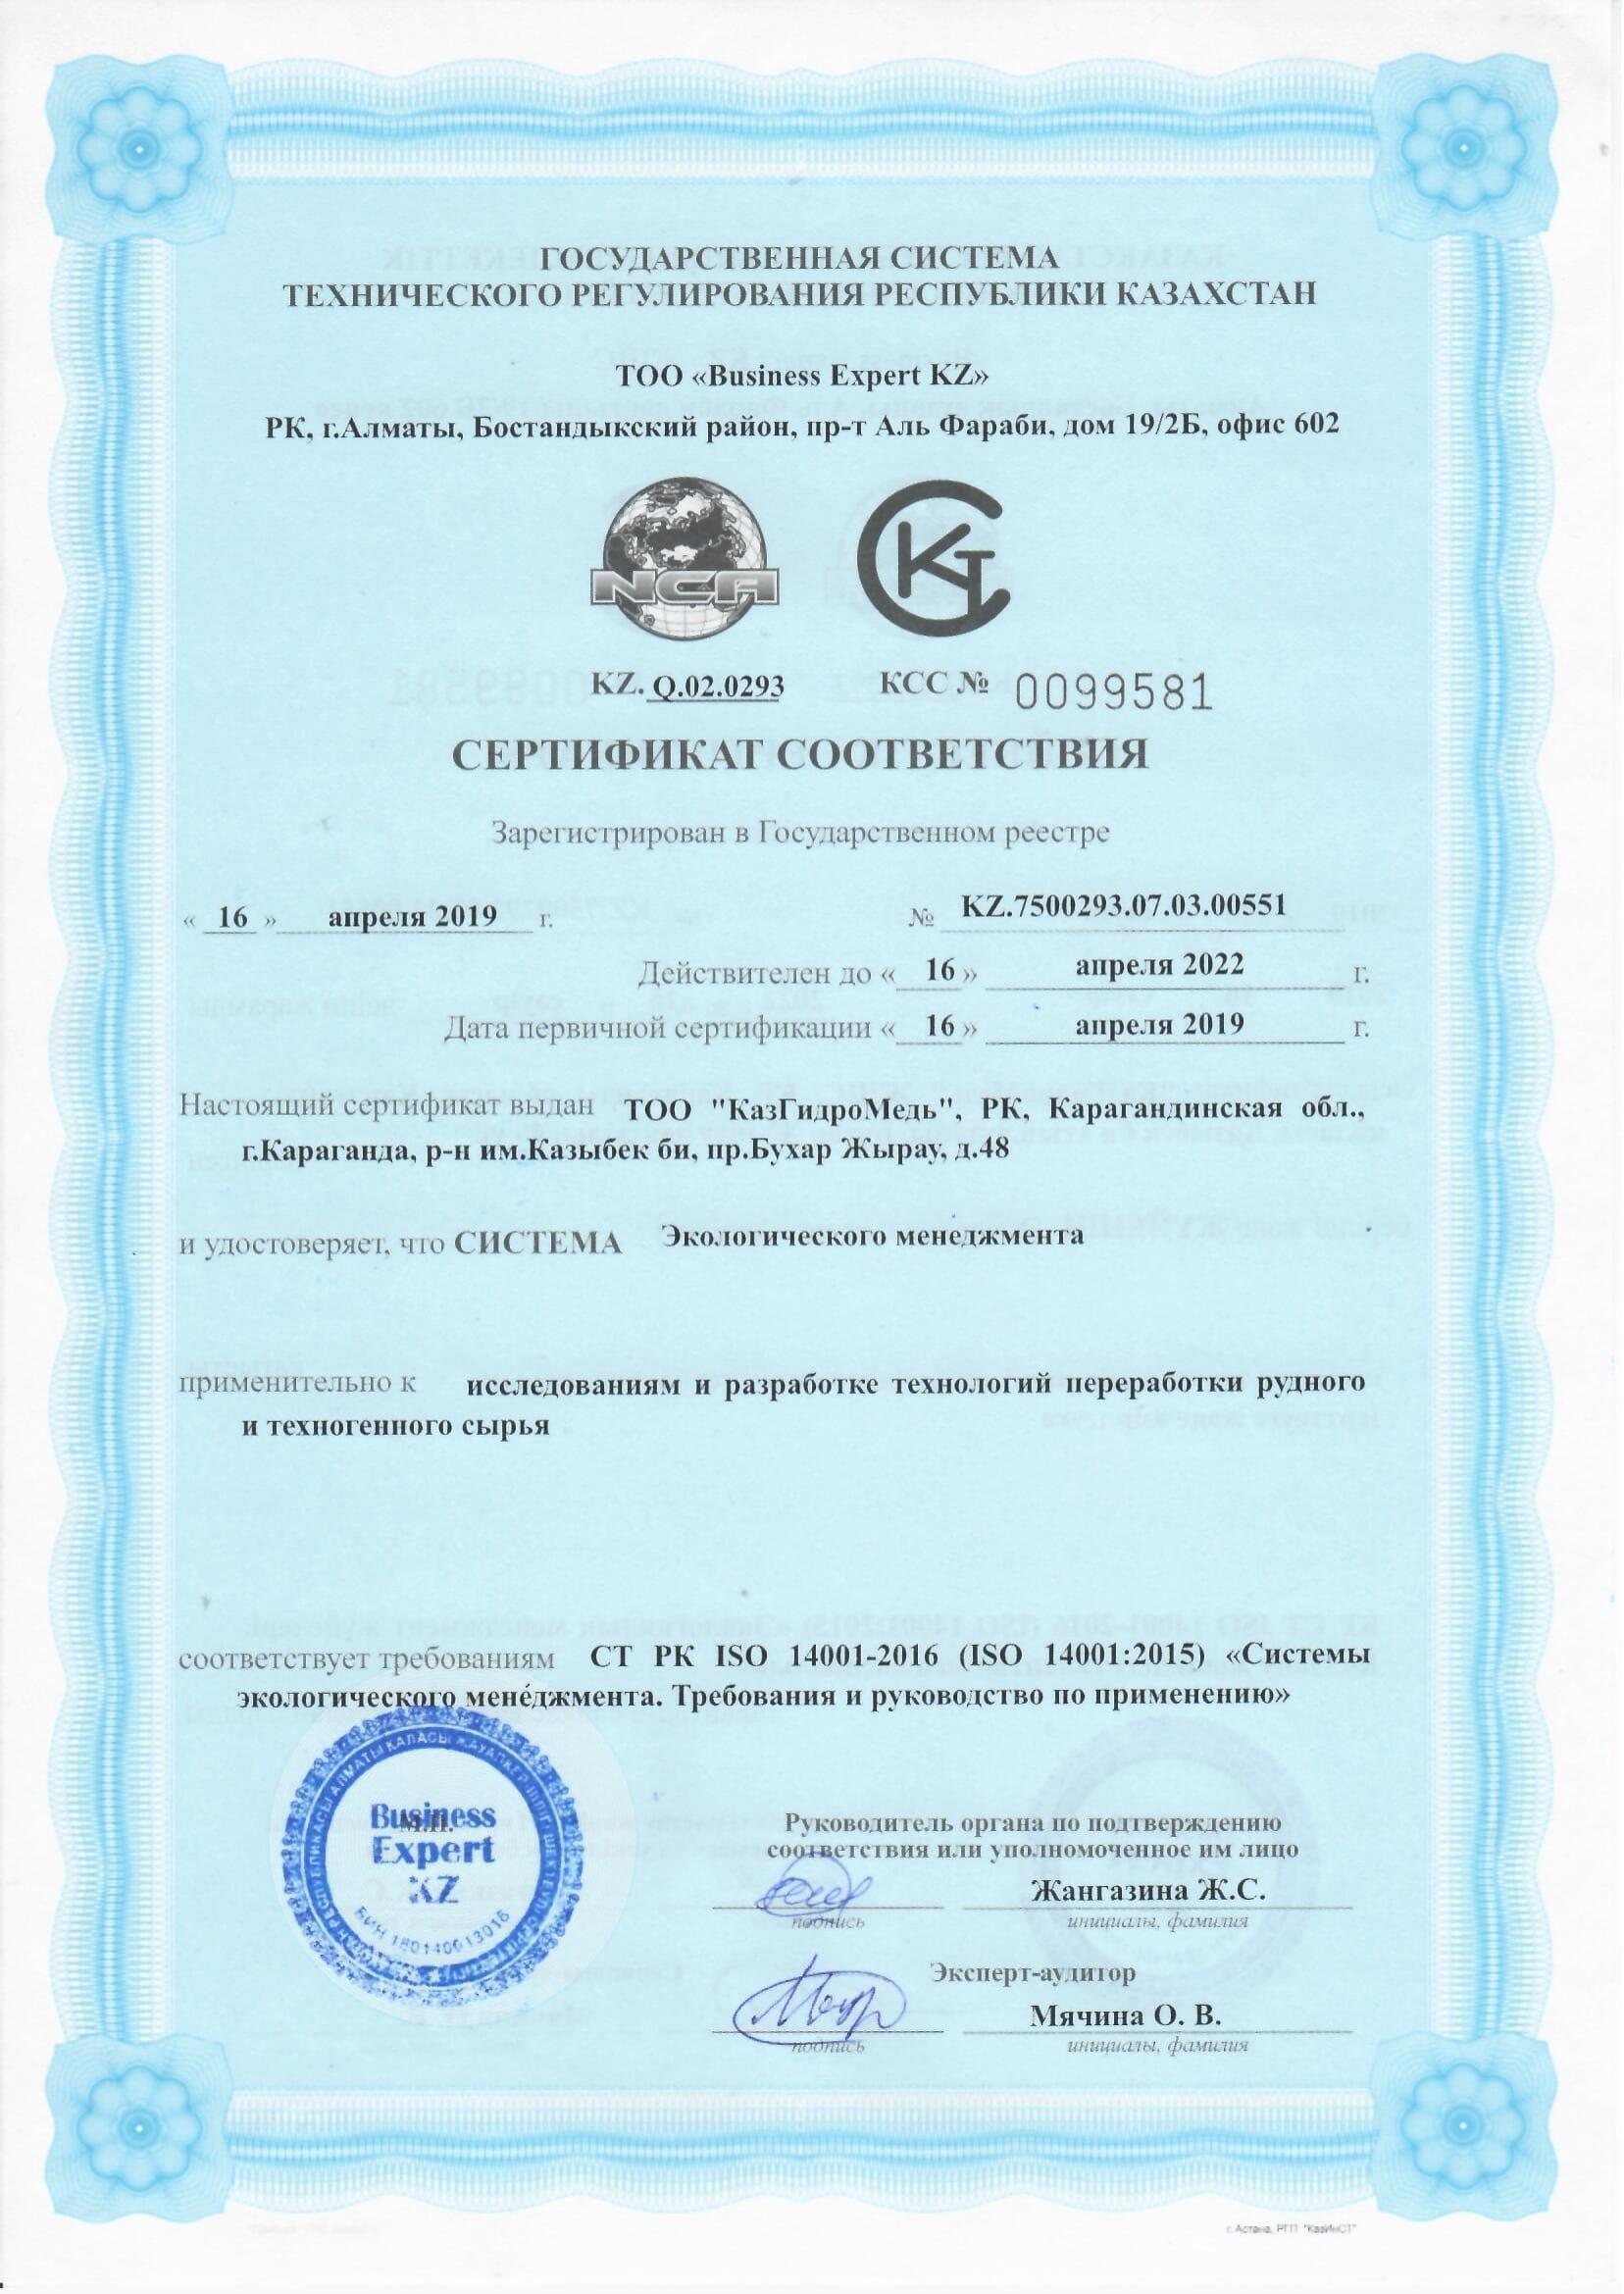 3 - Сертификаты соответствия 2019-3